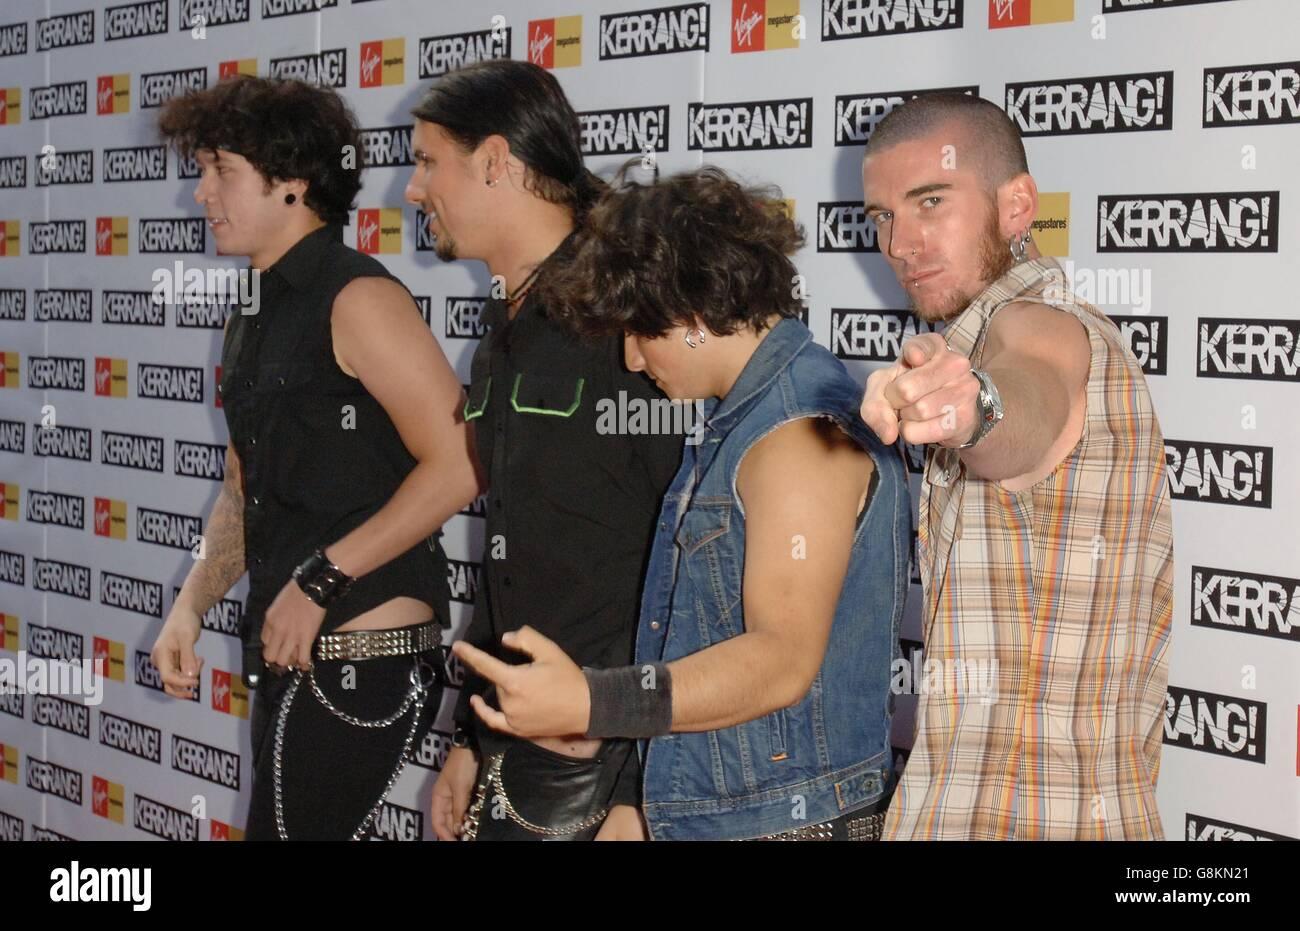 Kerrang rencontres prix datation Registre